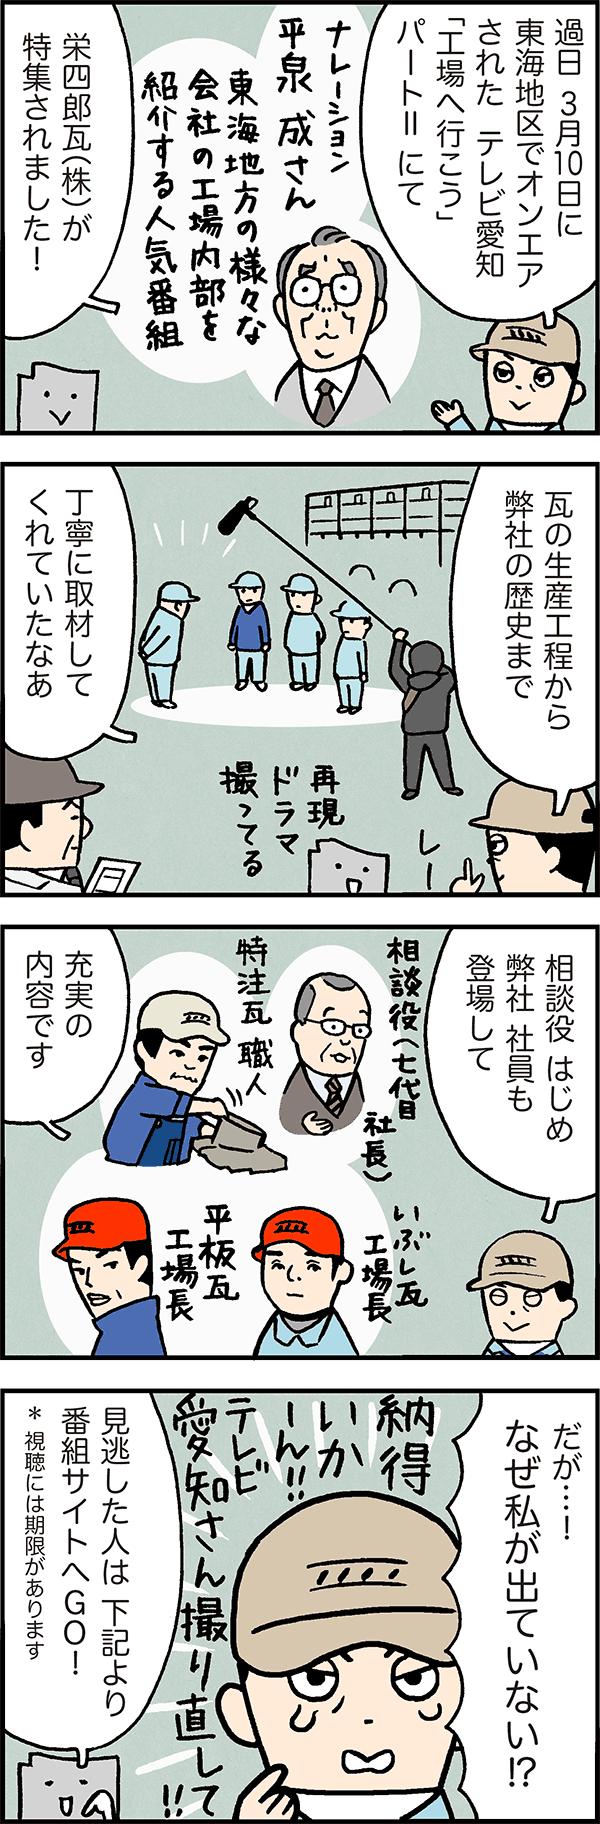 栄四郎瓦へ行こう